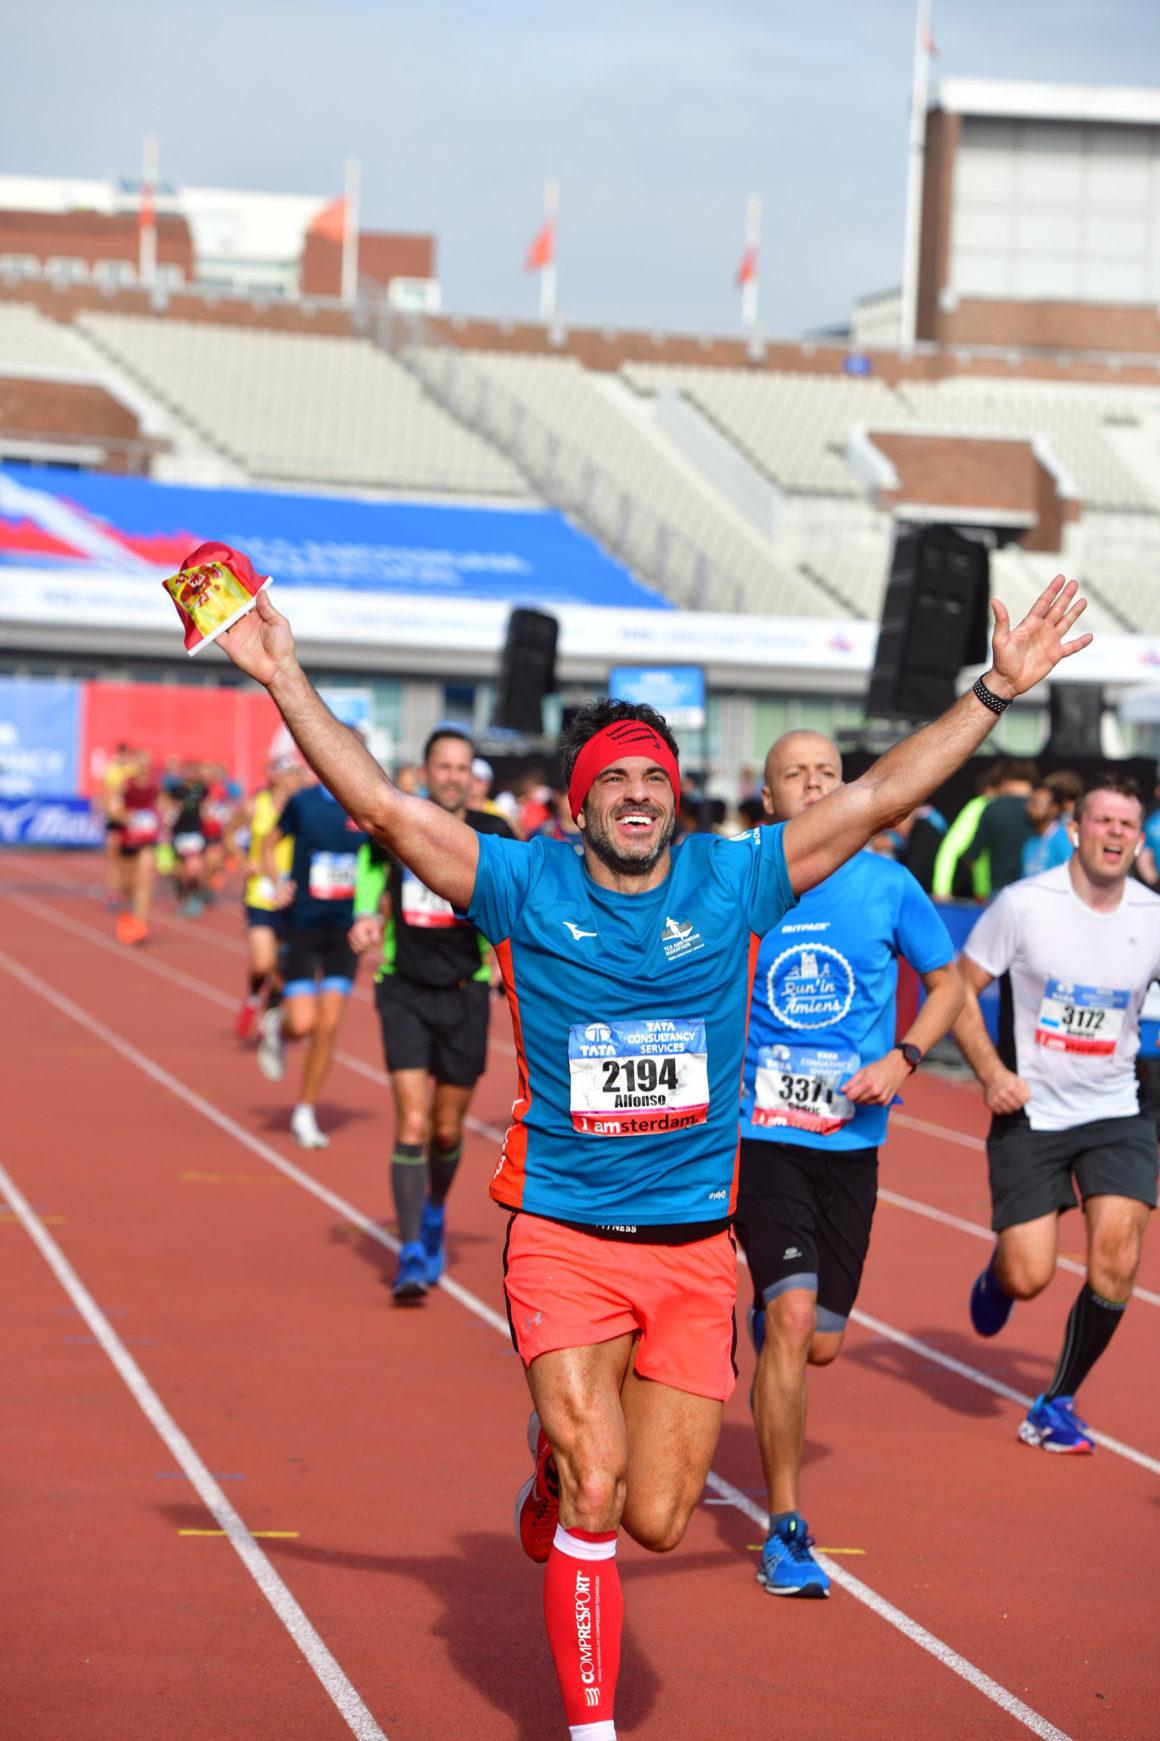 marathon maraton amsterdam maratón de amsterdam - marathon maraton amsterdam 12 1160x1741 - Correr el Maratón de Amsterdam: análisis, recorrido, entrenamiento y recomendaciones de viaje